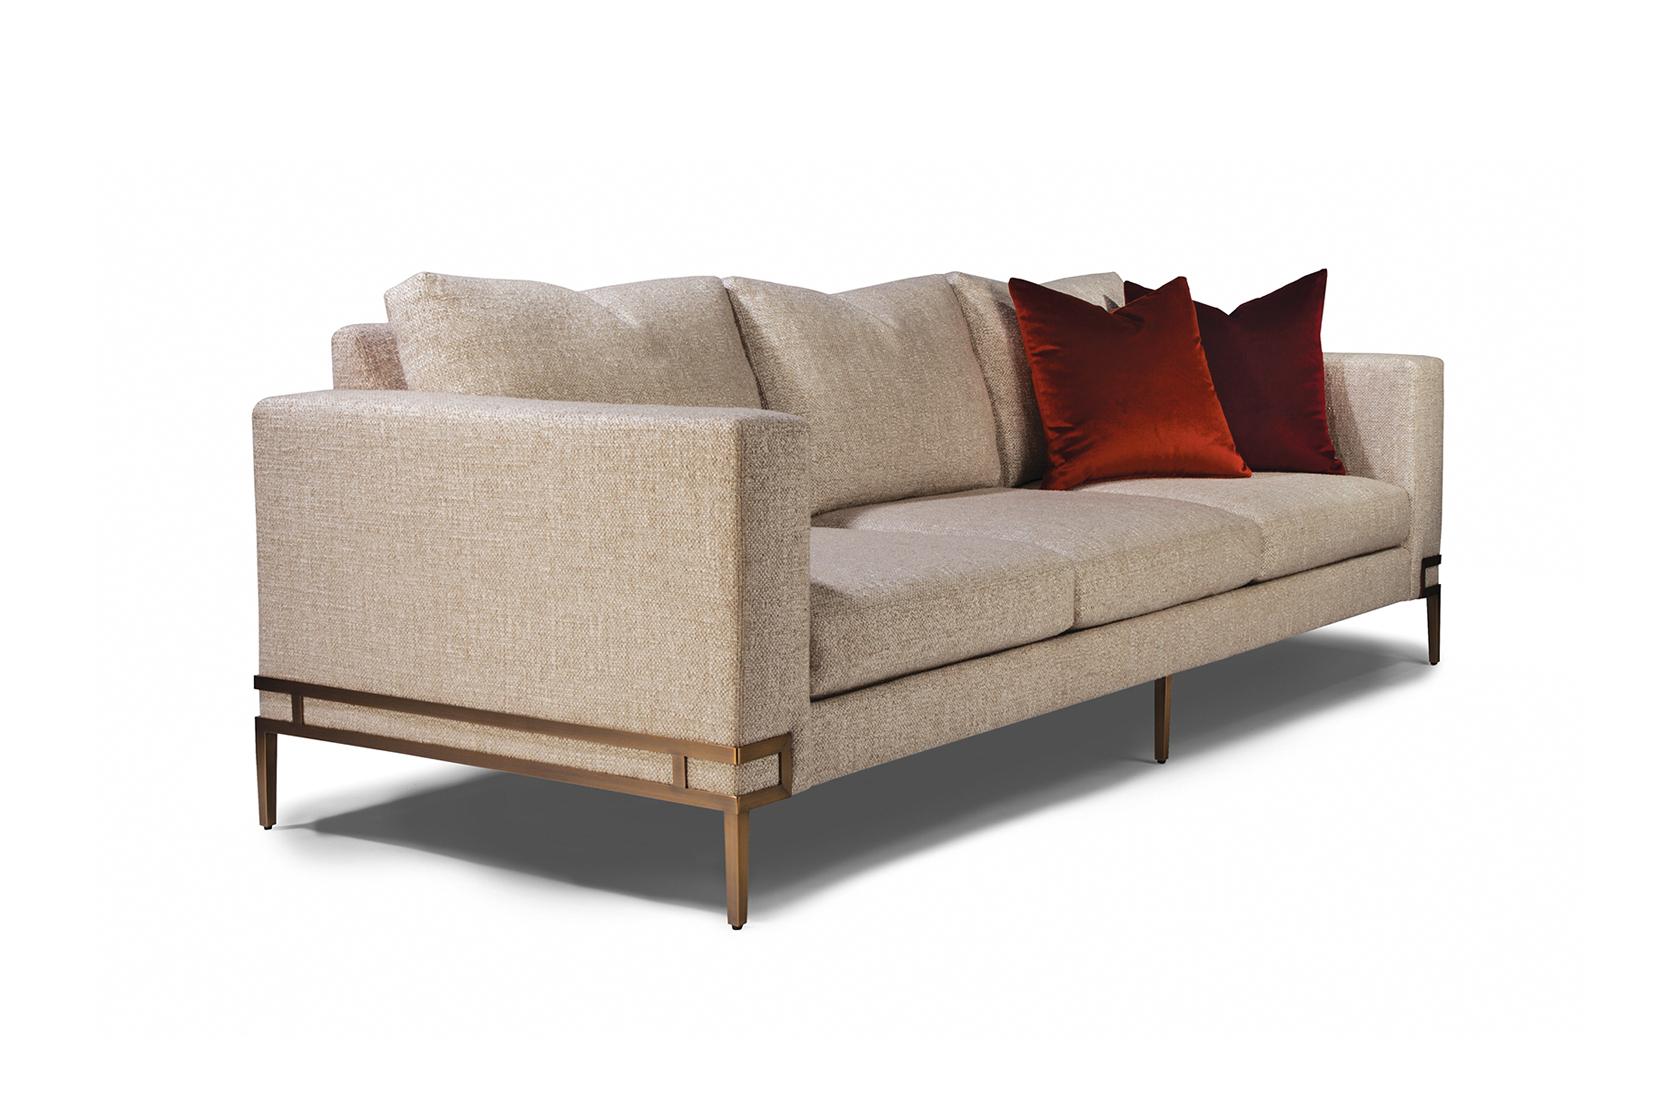 manolo sofa